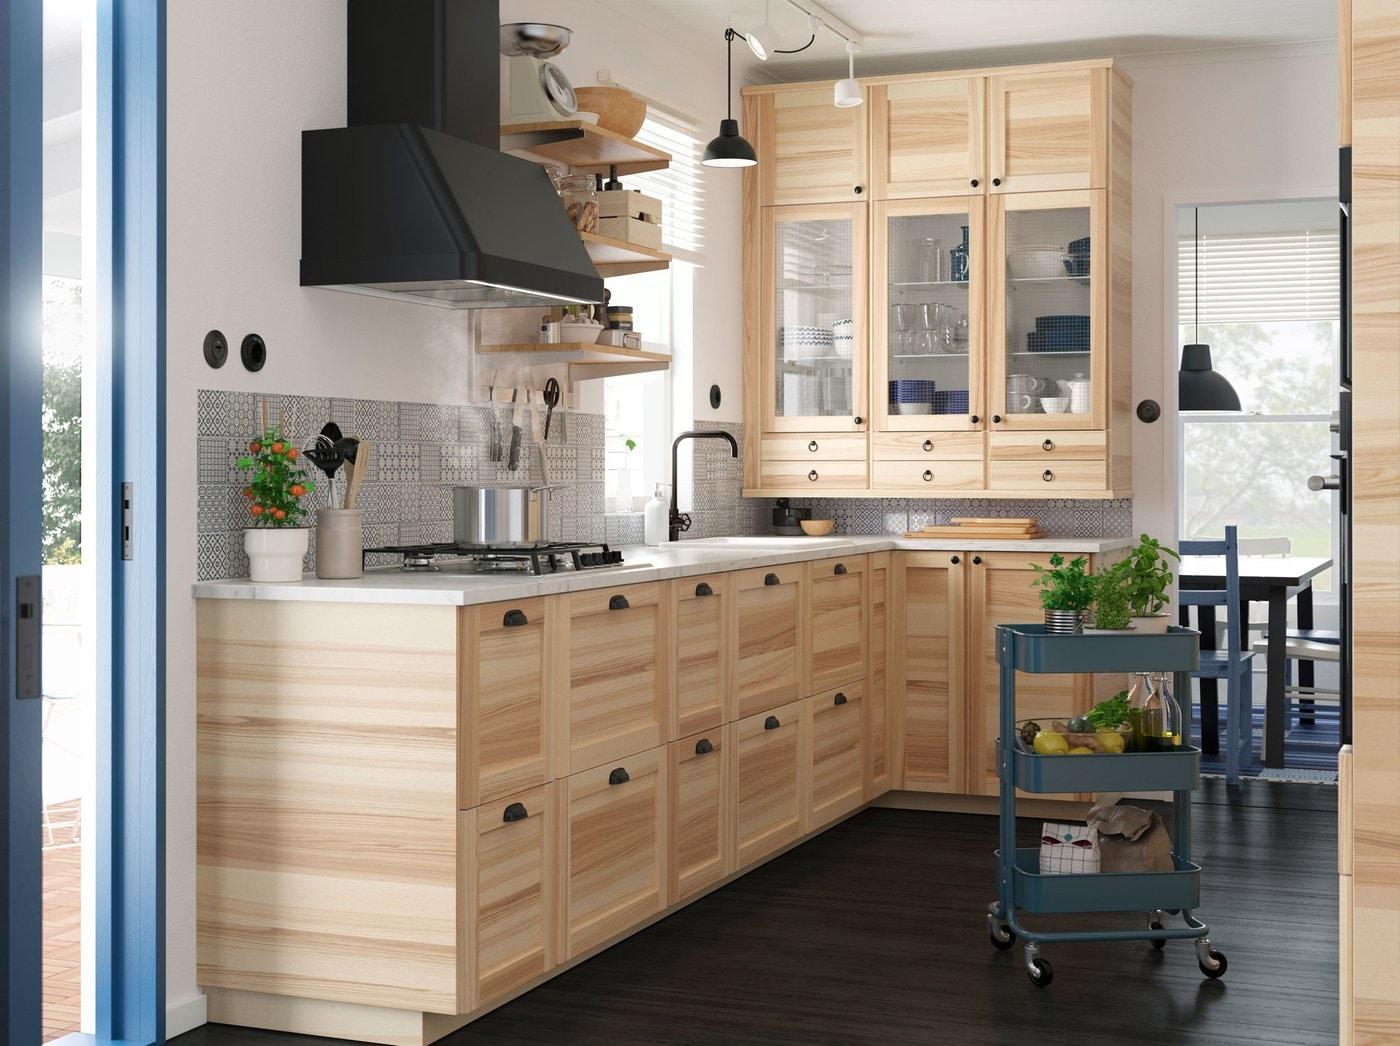 Ordinaire Cuisine Et Meubles De Cuisine Pour Votre Maison   IKEA